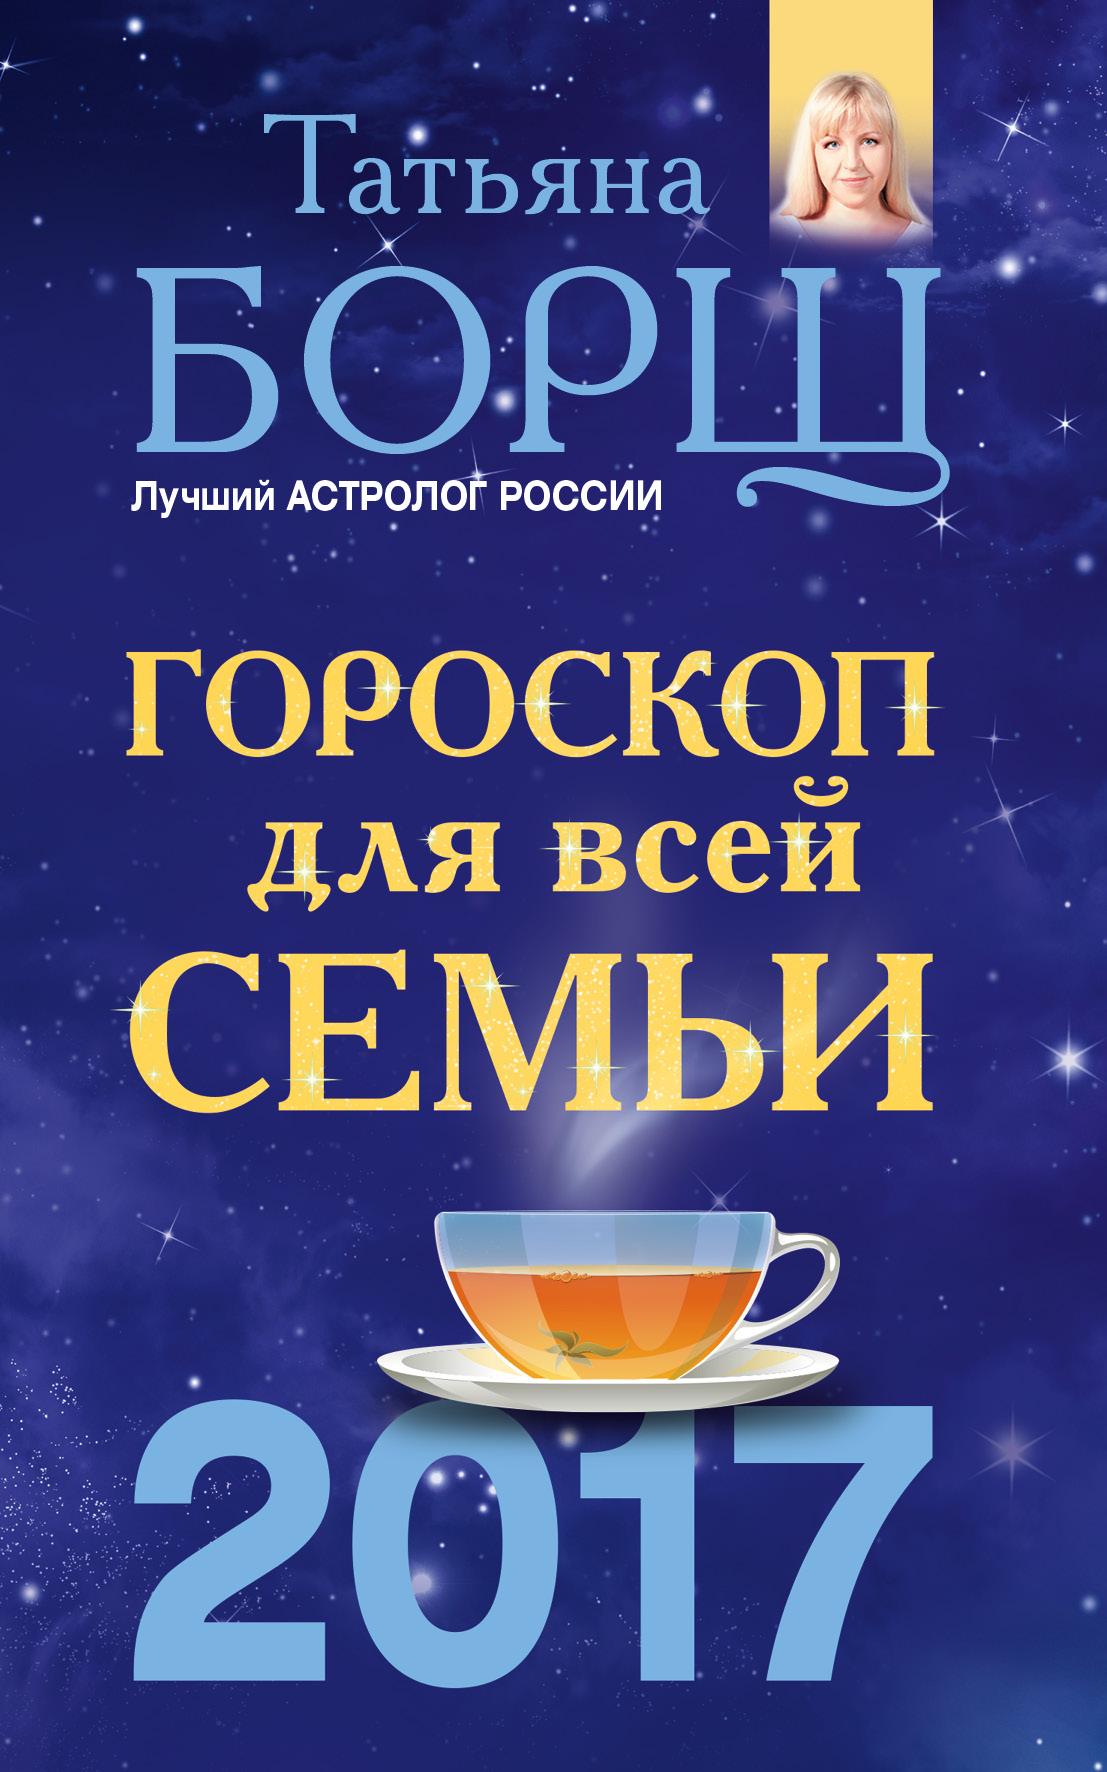 Татьяна Борщ Гороскоп на 2017 год для всей семьи андрей левшинов золотые настрои на деньги и финансовое благополучие